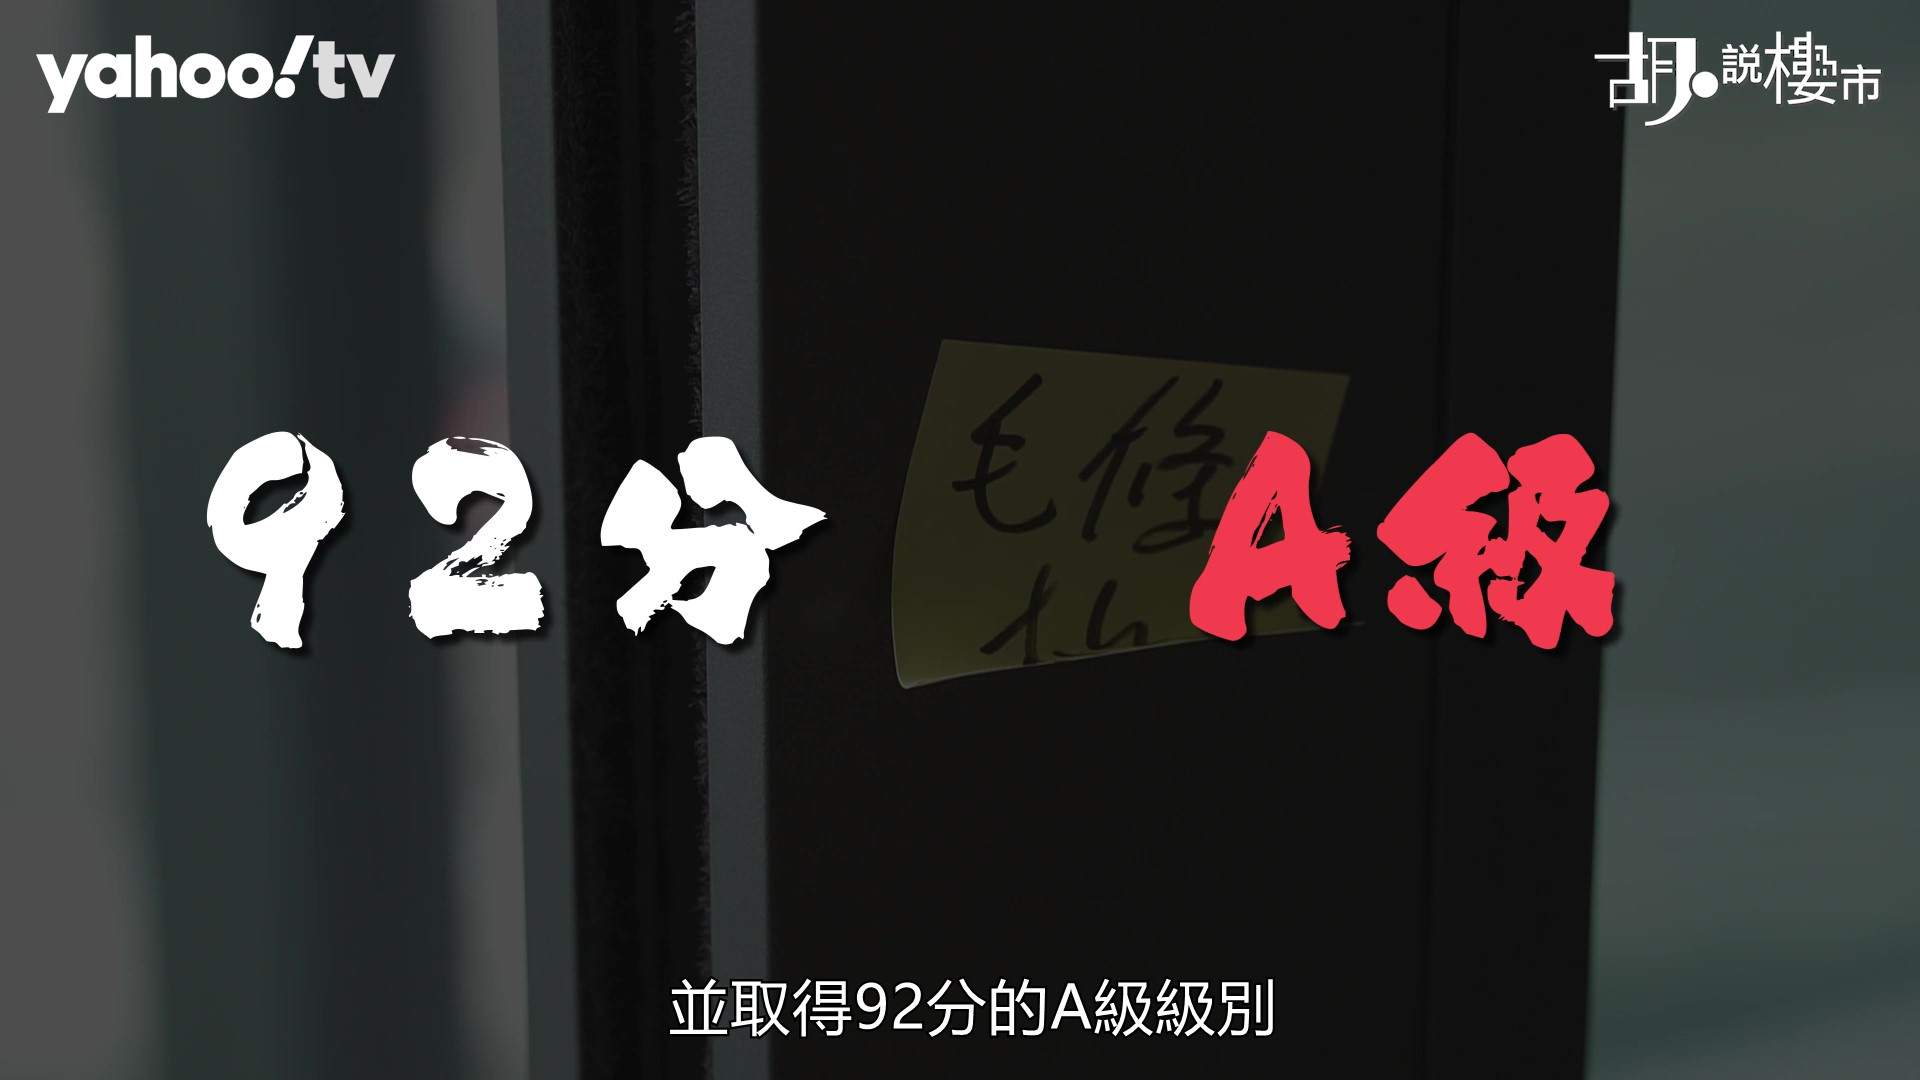 【胡.說樓市】8,000萬豪宅 新地海璇牆身有大條裂紋?!